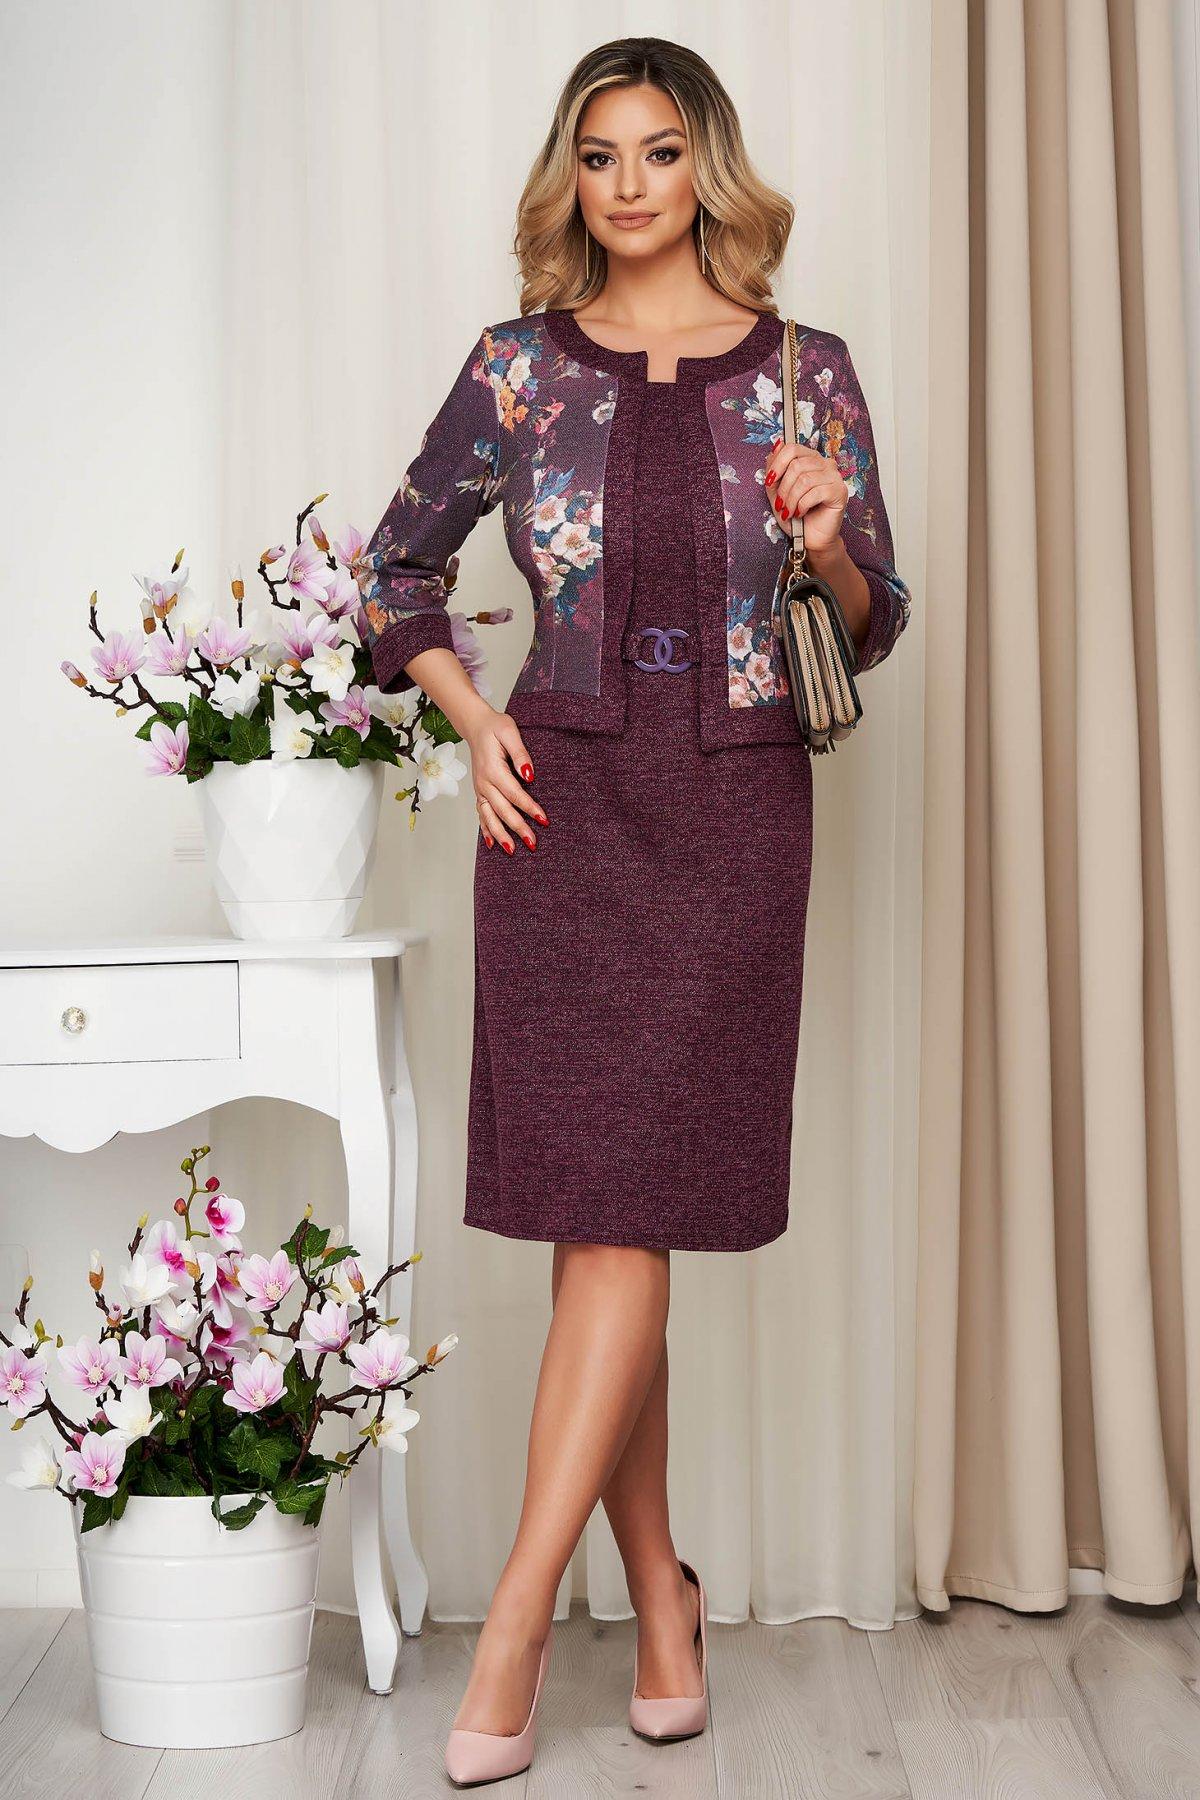 Rochie Lady Pandora Visinie Din Material Elastic Tricotata Tip Creion Cu Cardigan Fals